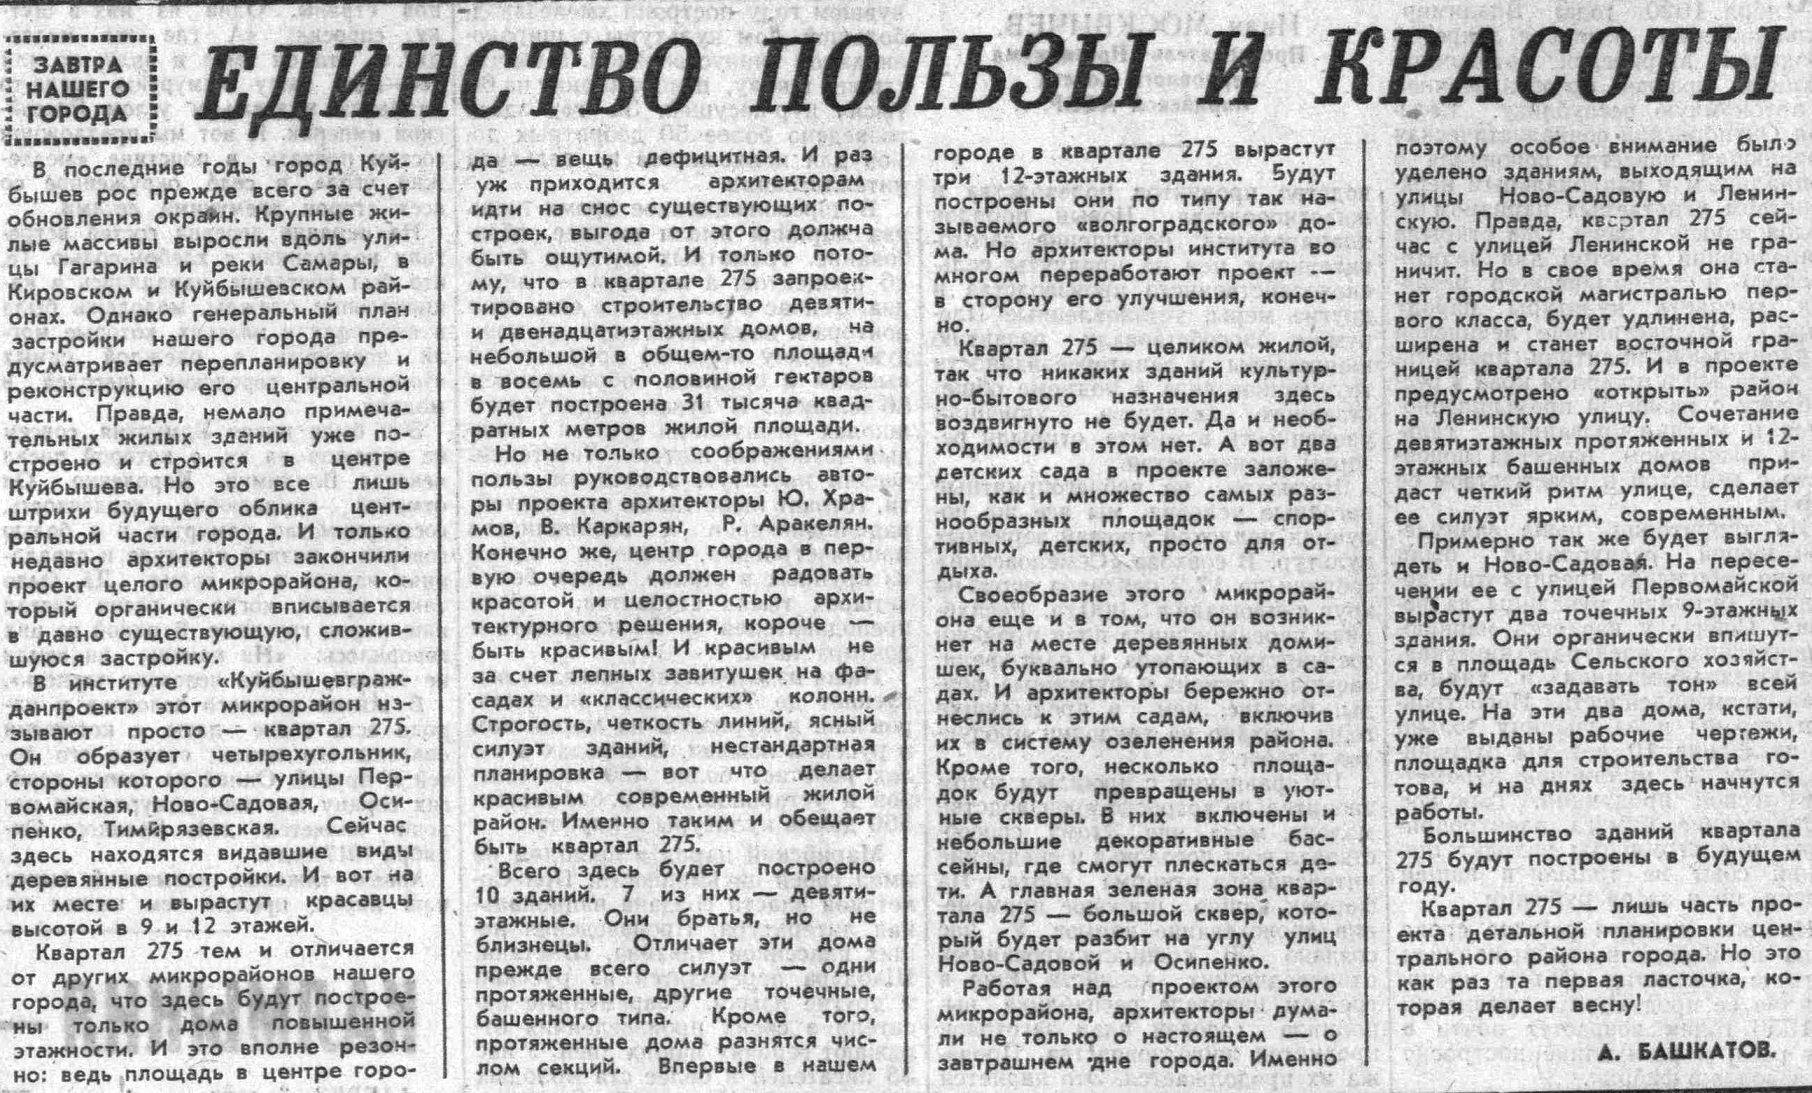 ФОТО-06-Ленина-ВКа-1965-11-04-квартал 275